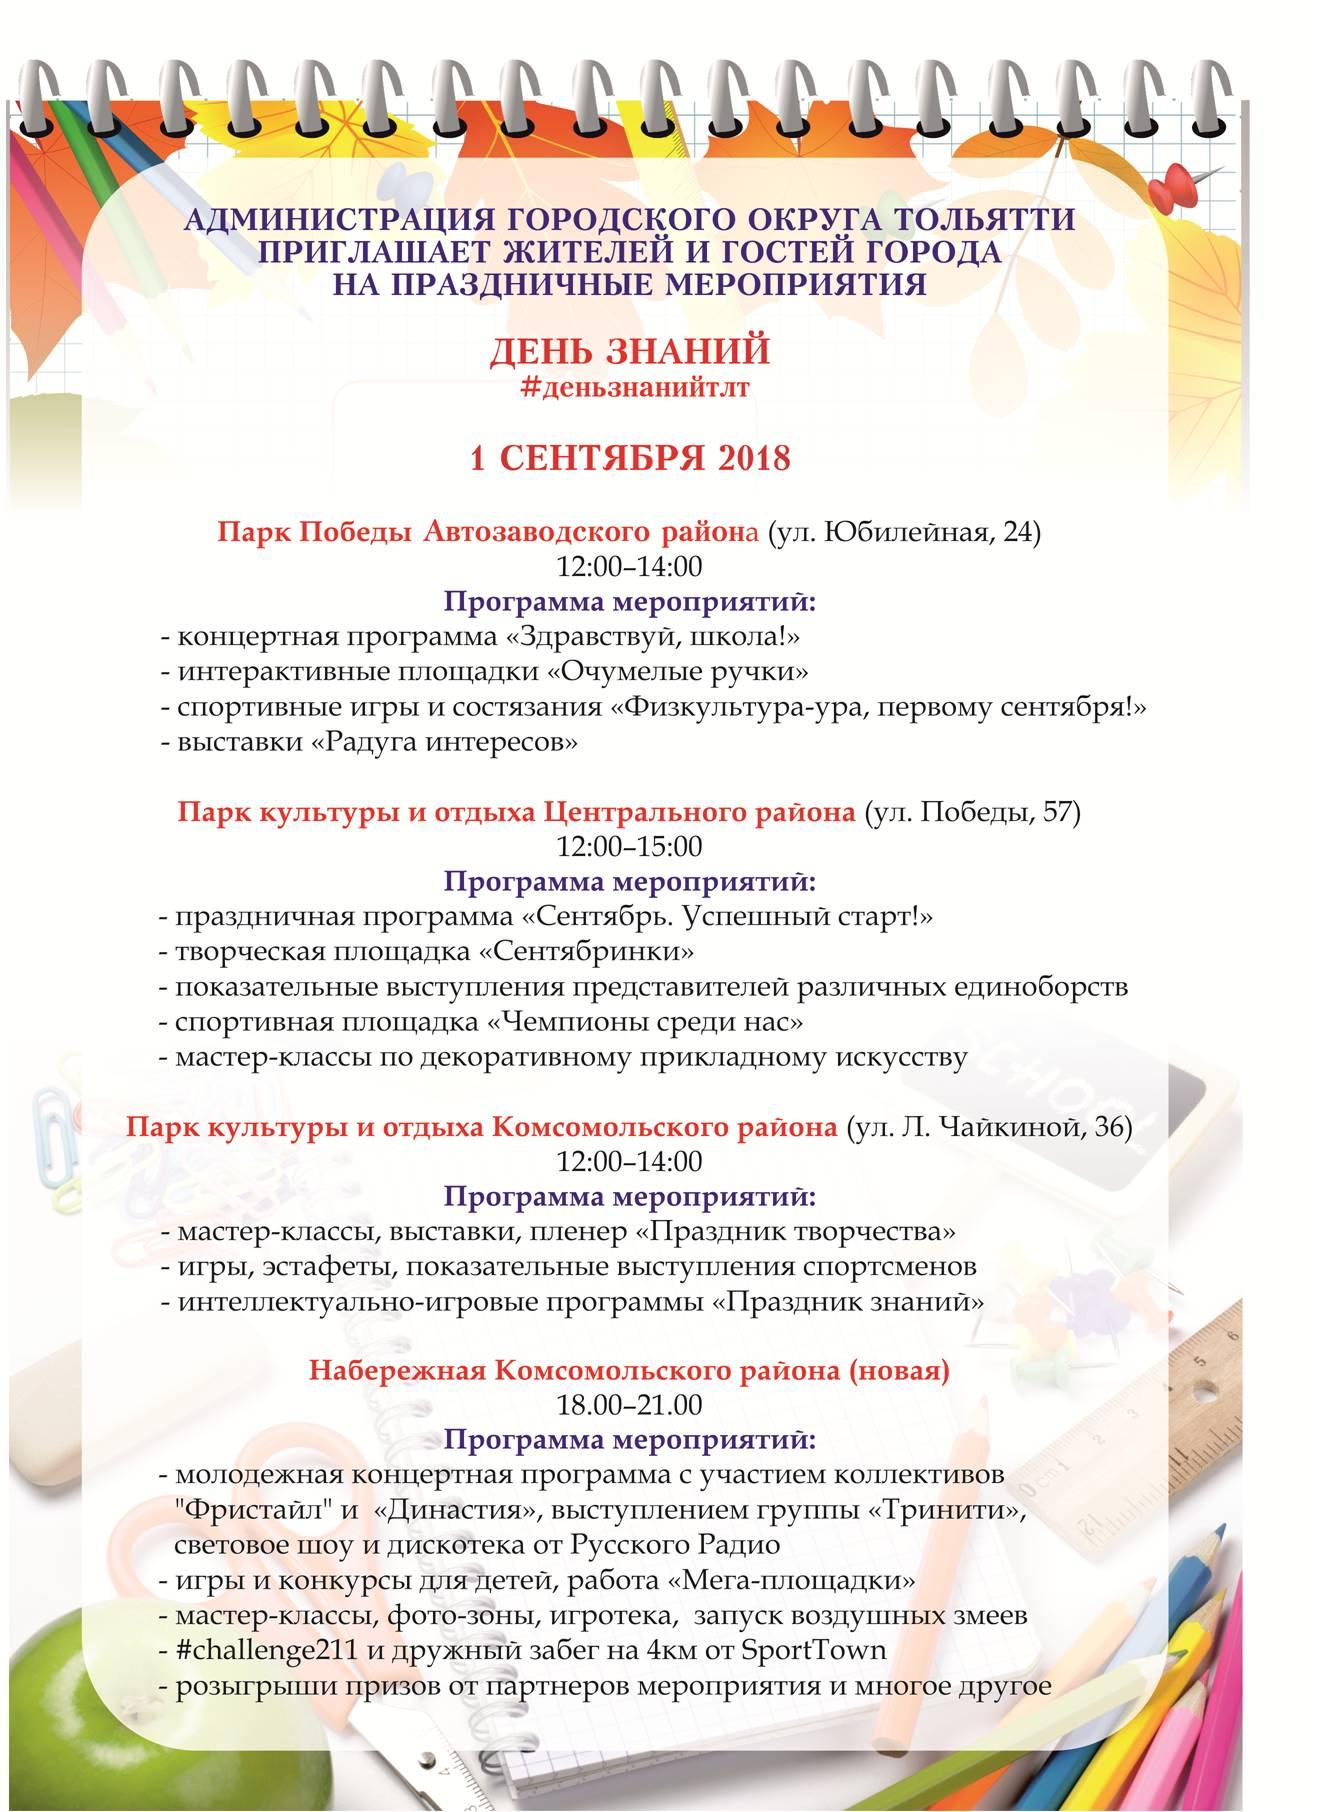 День знаний станет общегородским праздником: Афиша мероприятий